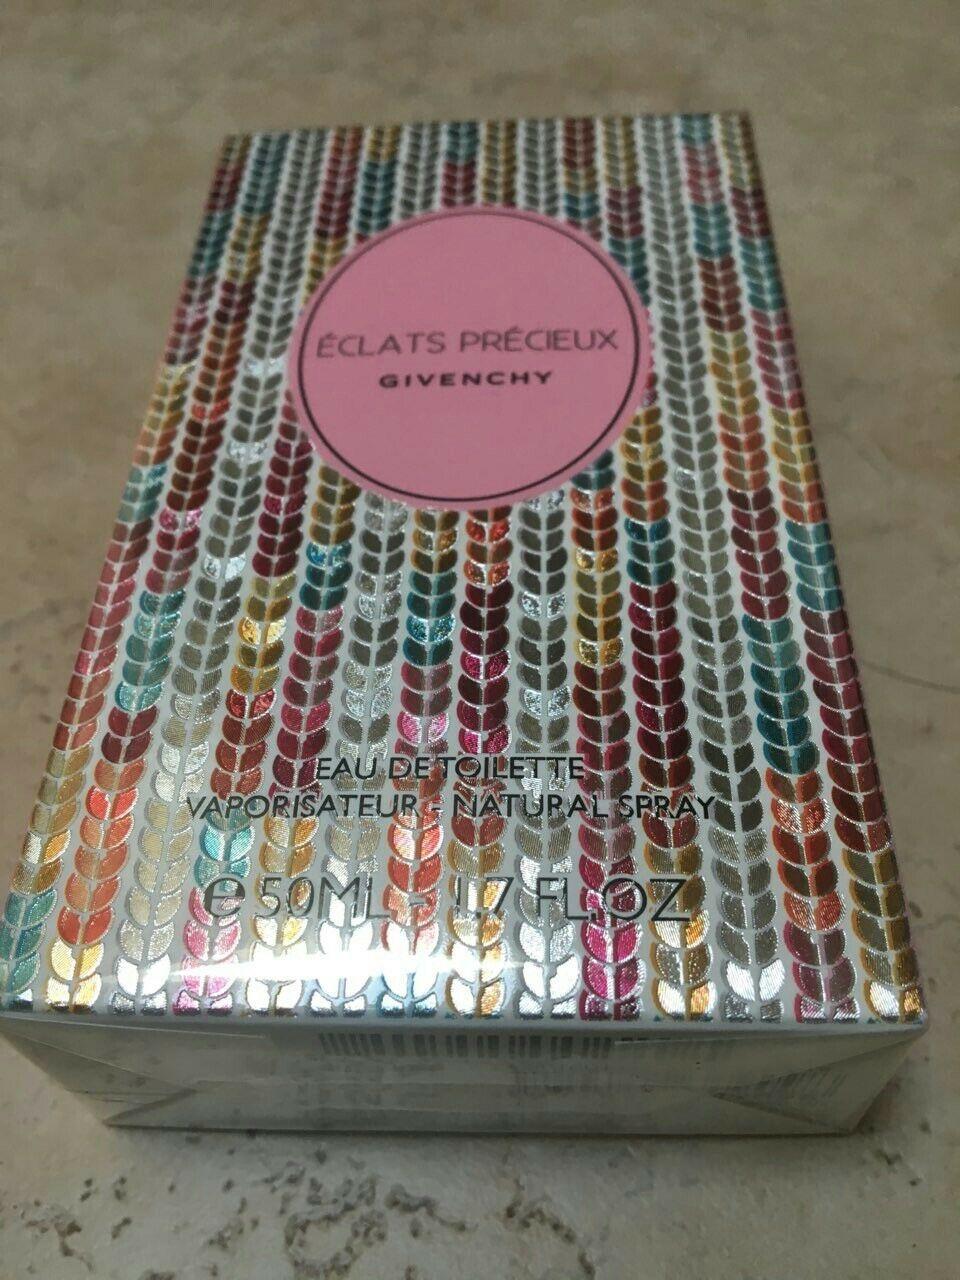 Eclats Precieux Givenchy Eau de Toilette For Women 1.7 FL OZ 50 ML New/Sealed